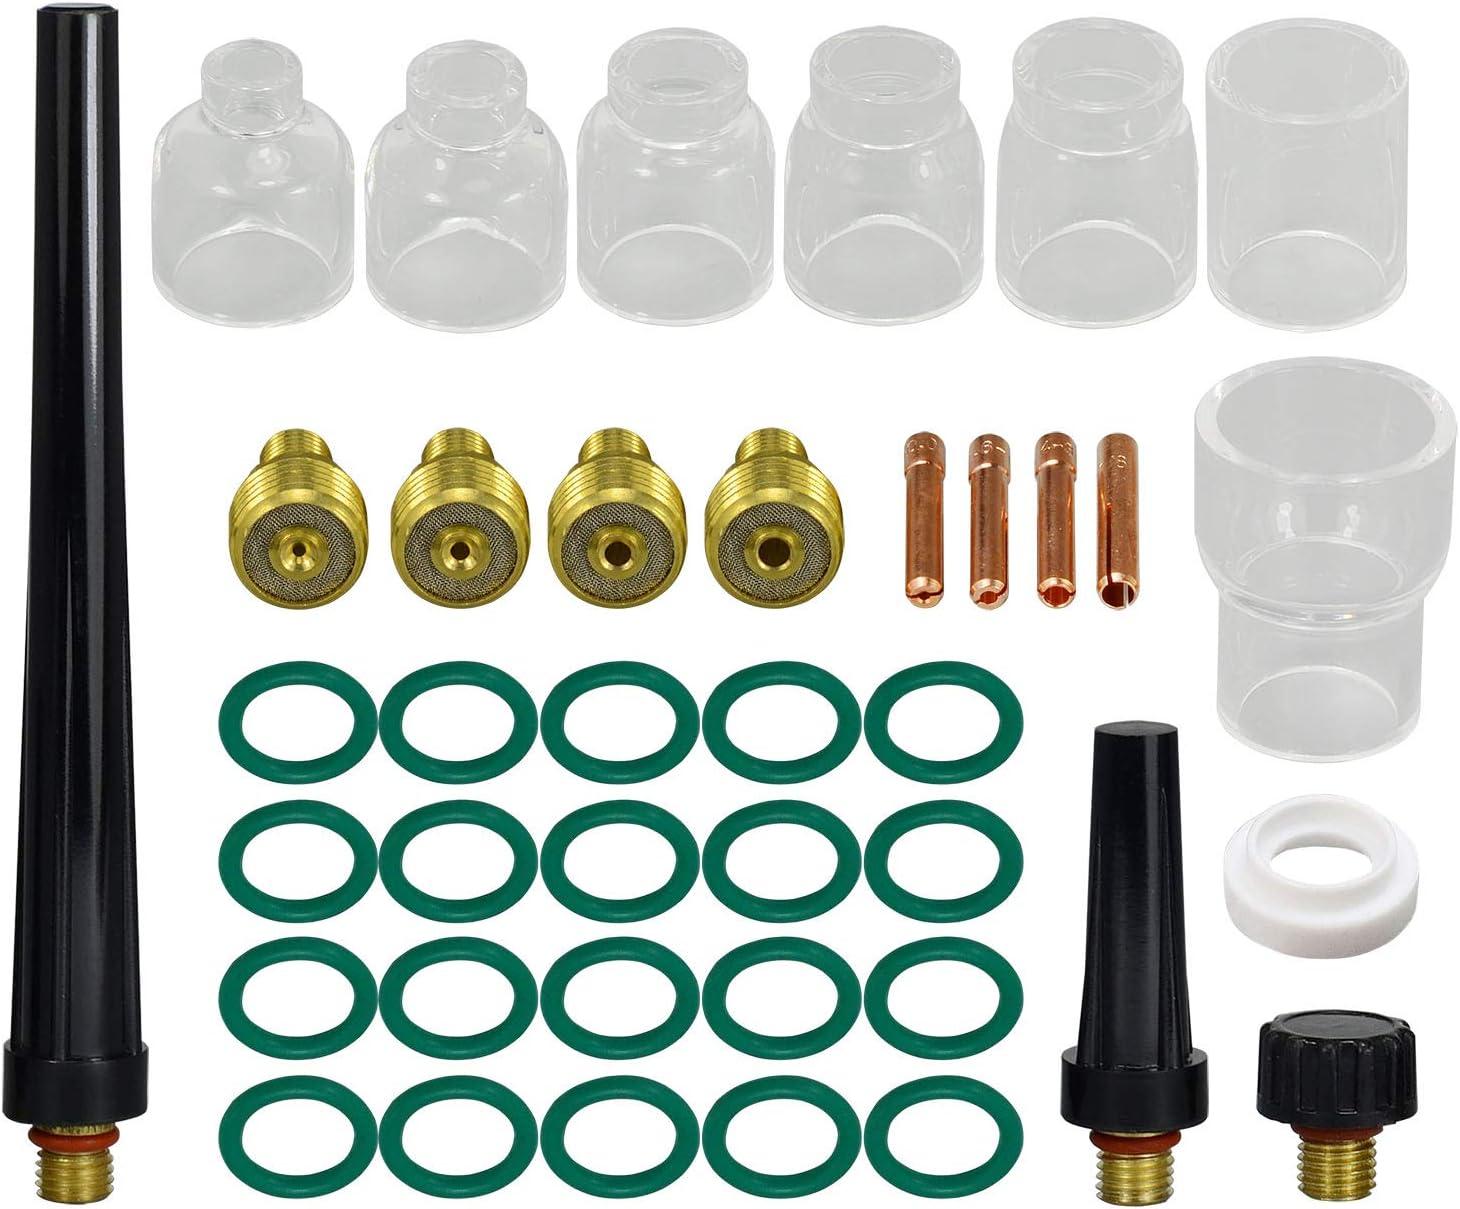 """TIG Gas Lens Collet Body 13N21 45V42 (.040"""" & Ø1.0mm) 13N22 45V43 (1/16"""" & Ø1.6mm) 45V44 13N23 (3/32"""" & Ø2.4mm) 45V45 13N24 (1/8"""" & Ø3.2mm) Pyrex Cup #4 ~ #12 WP 9 20 25 TIG Welding Torch 39pcs - -"""